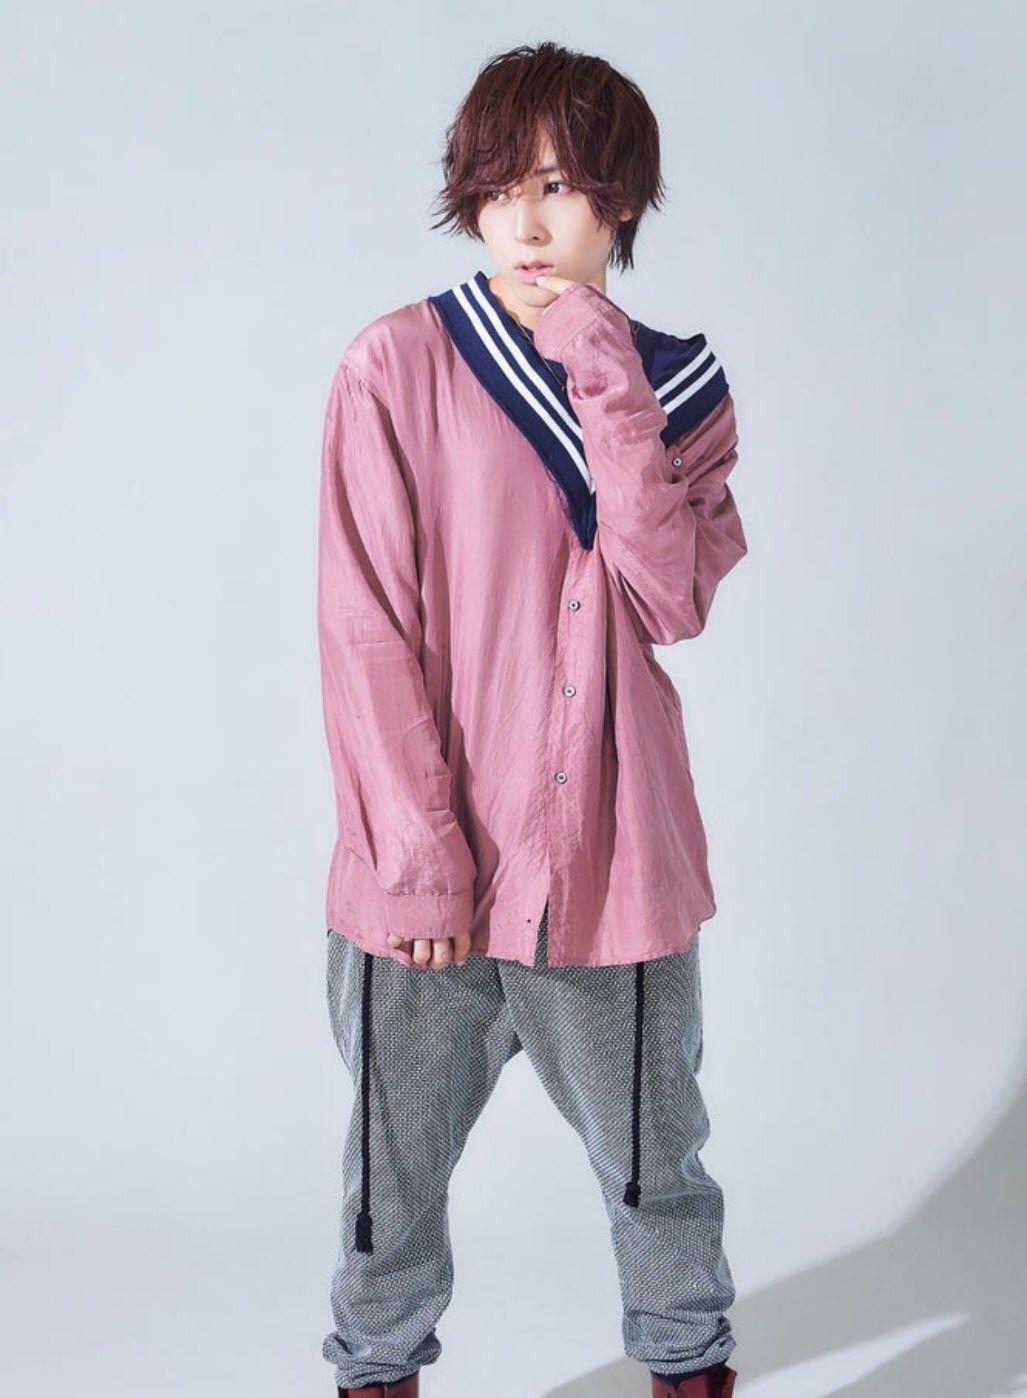 蒼井翔太 おしゃれまとめの人気アイデア pinterest crystal 俳優 声優 男性声優